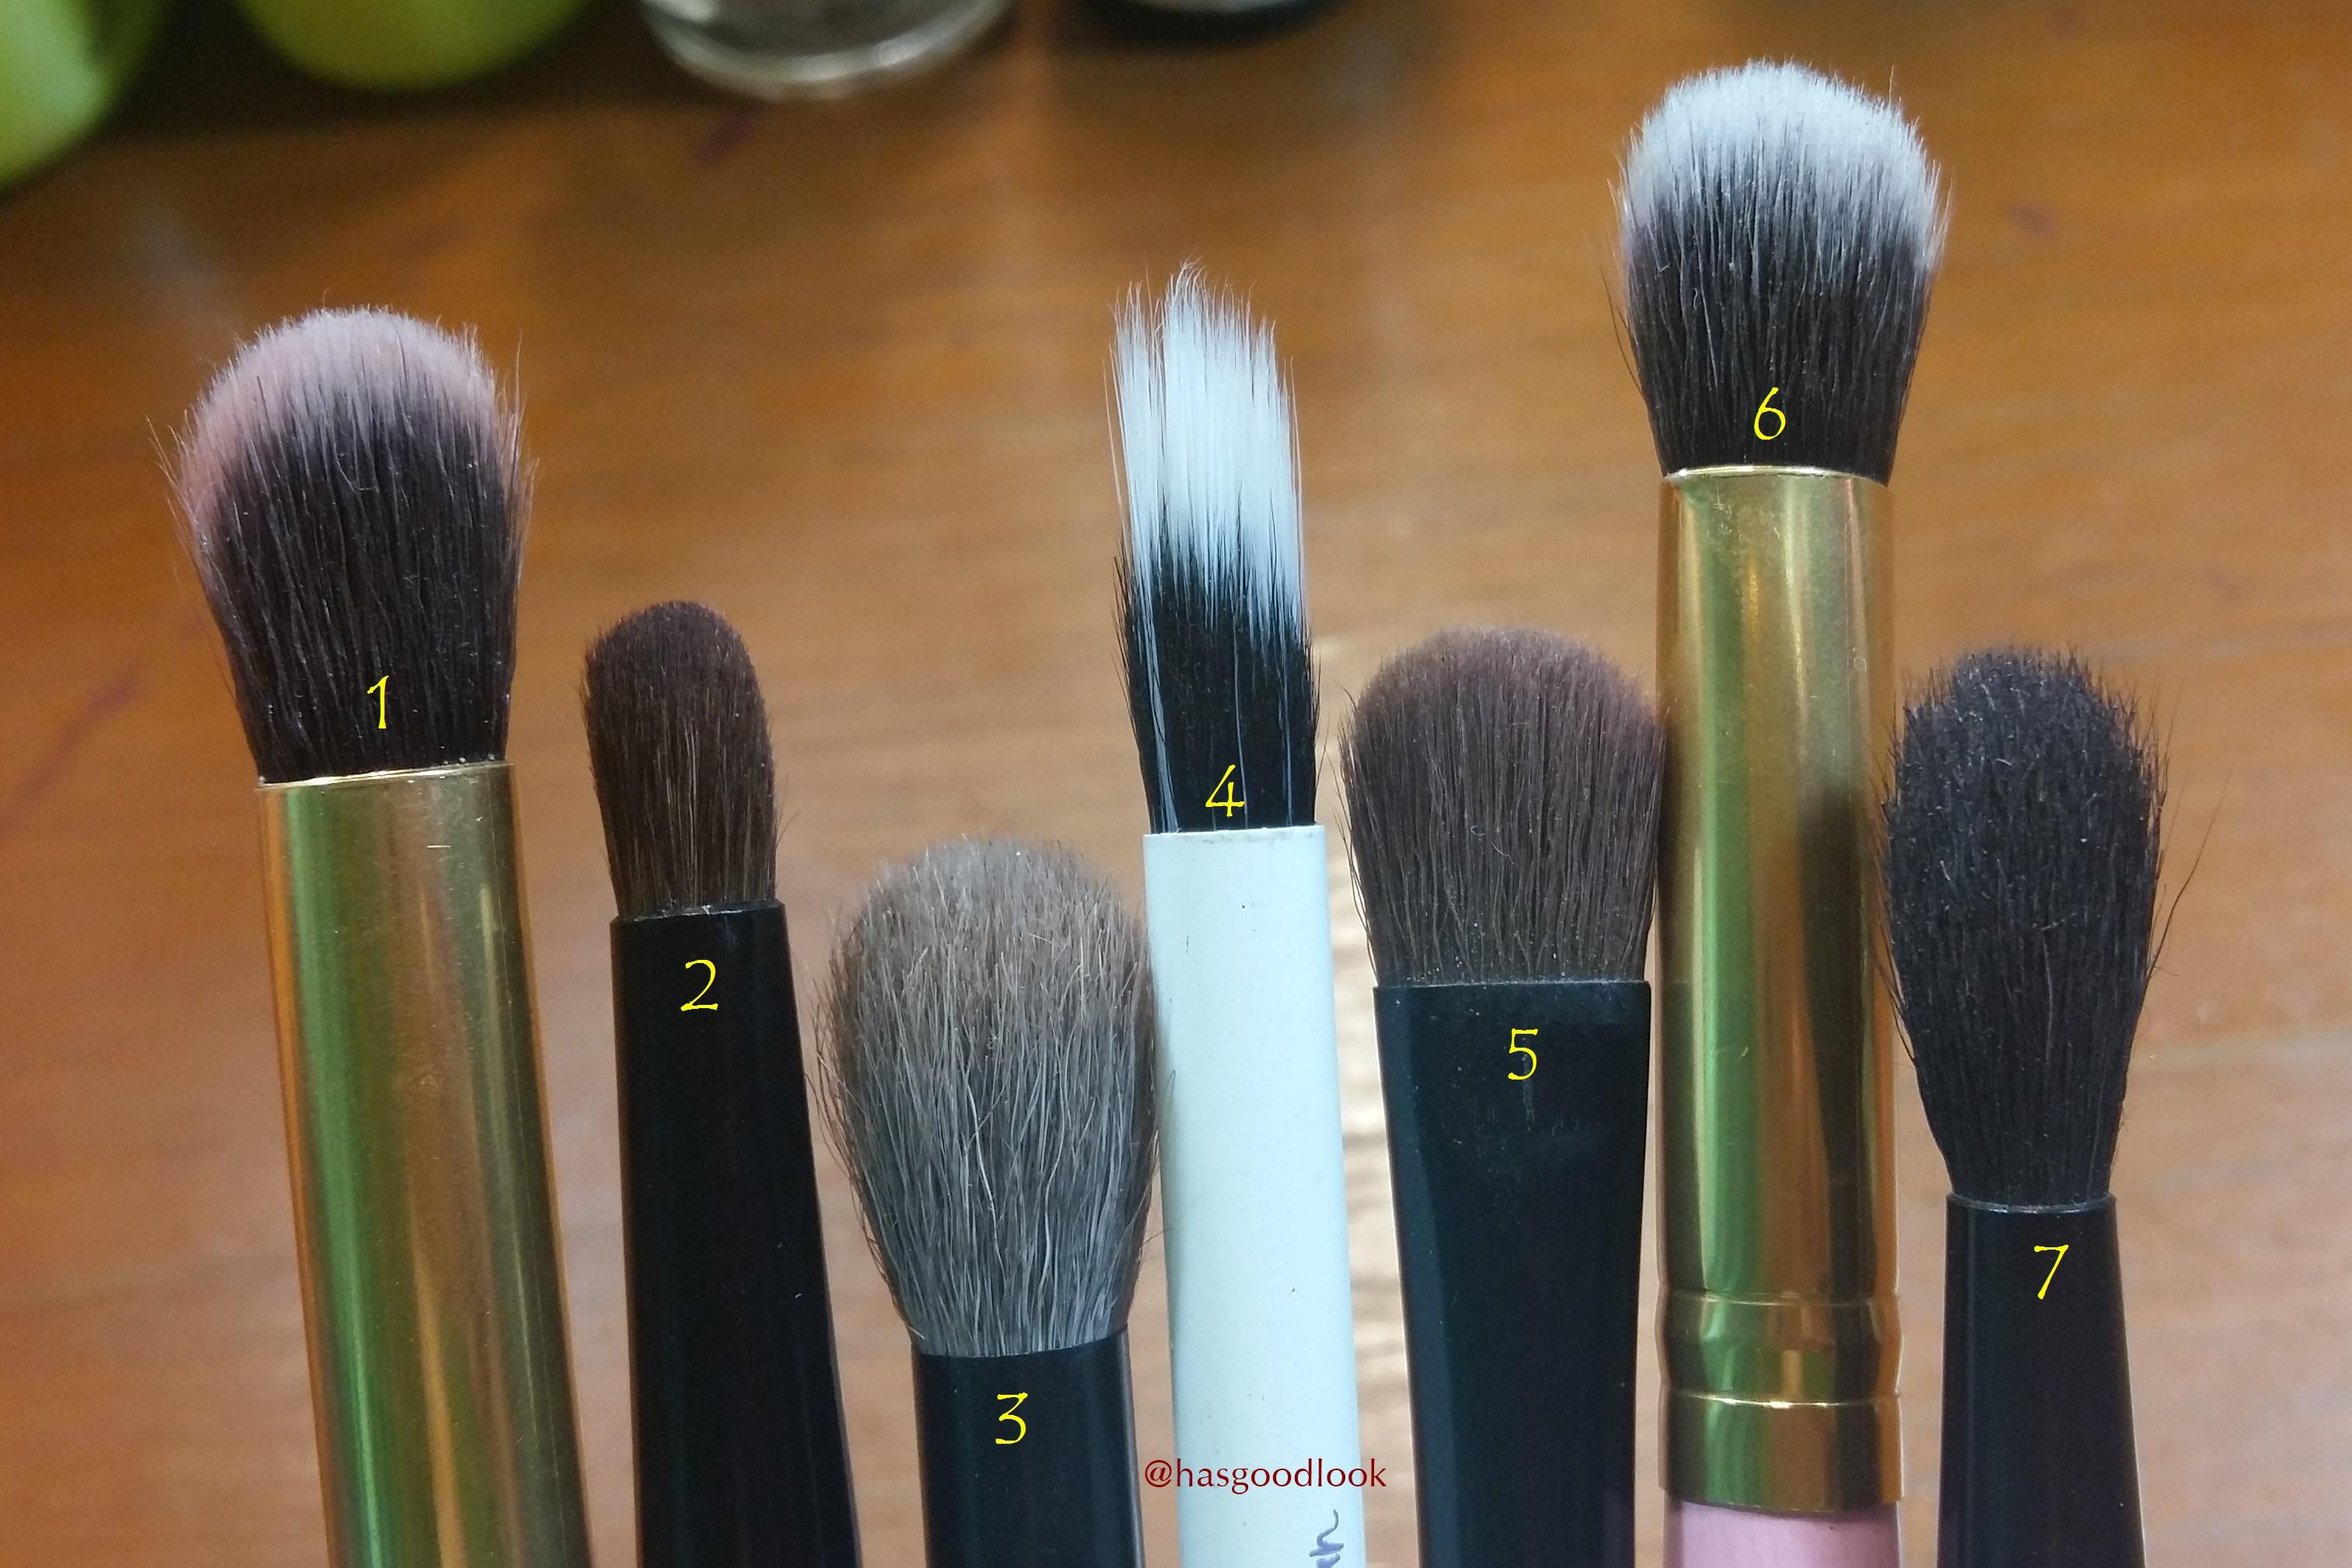 Angled Brush Hasgoodlook Kuas Lembut Make Up Yang Pertama Adalah Fluffy Oke Ladies Mungkin Tidak Bisa Melihat Secara Jelas Karena Kualitas Dan Posisi Dalam Foto Jelek